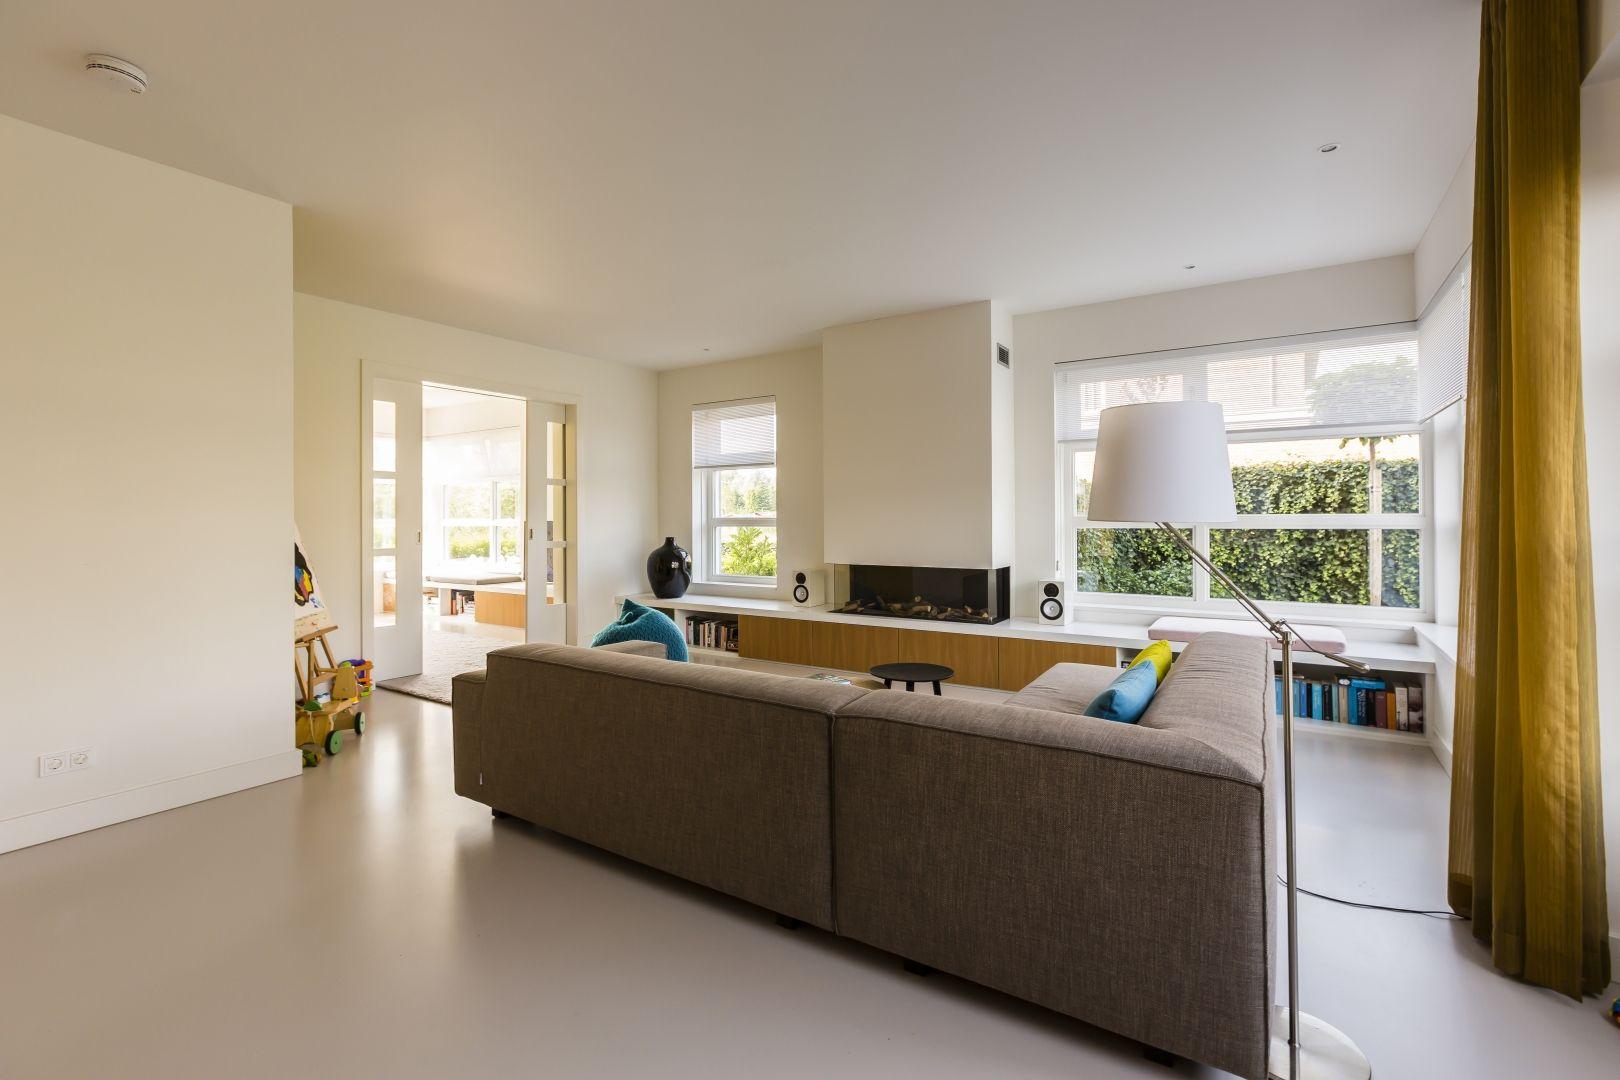 Modern Interieur Herenhuis : Een klassiek ontwerp in een modern jasje zo kunnen we dit